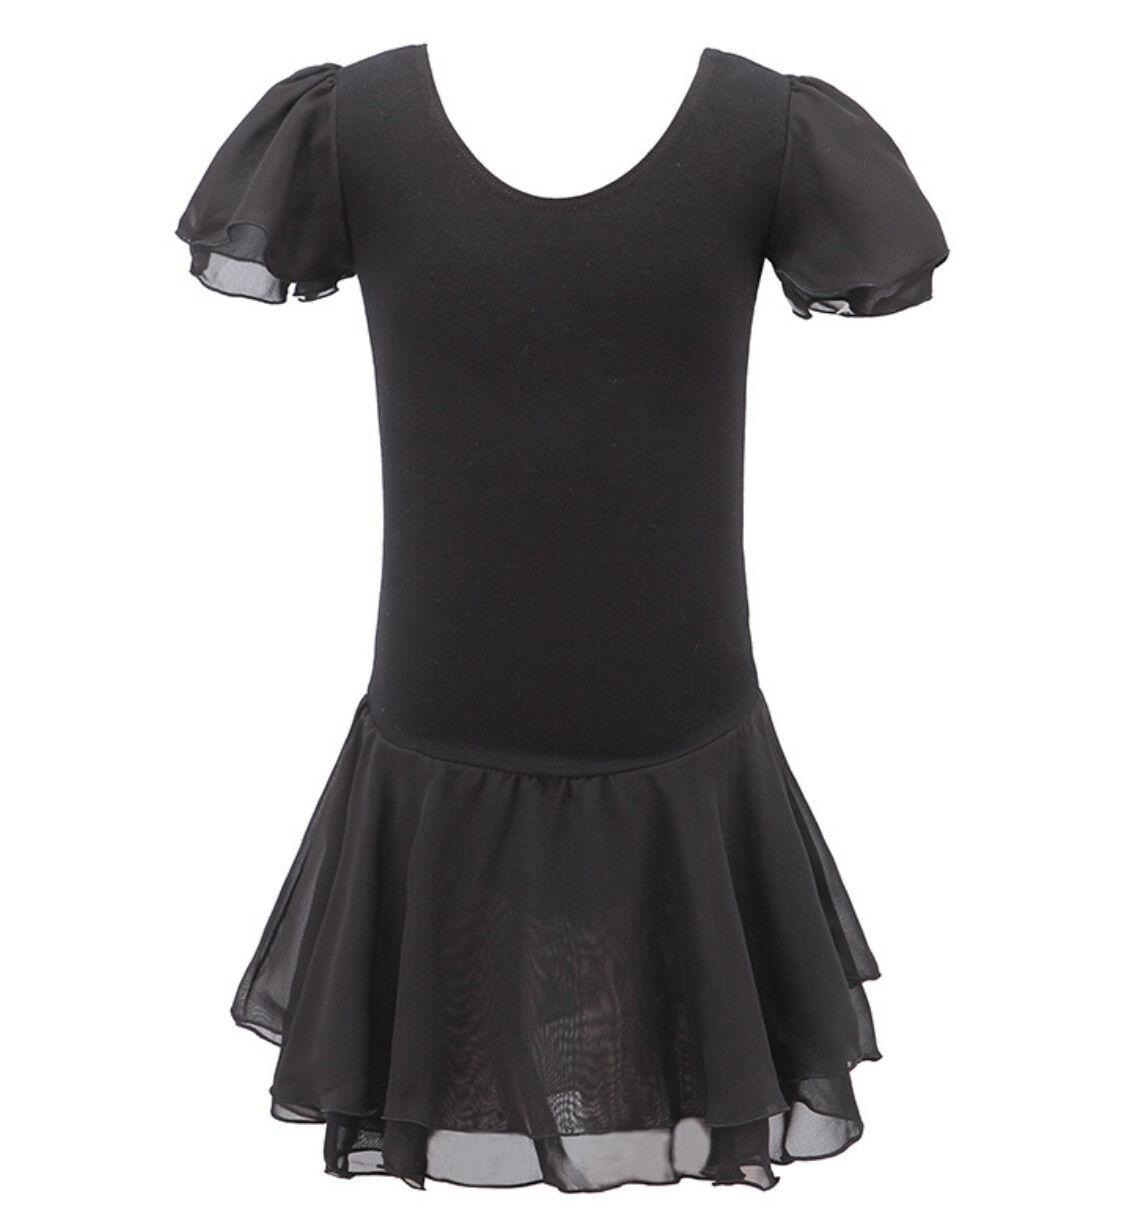 Bambina: abbigliamento Vestito Tutù Body Lezione Danza Saggio Bambina Girl Ballet Tutu Dress DANC121 Abbigliamento per lo sport